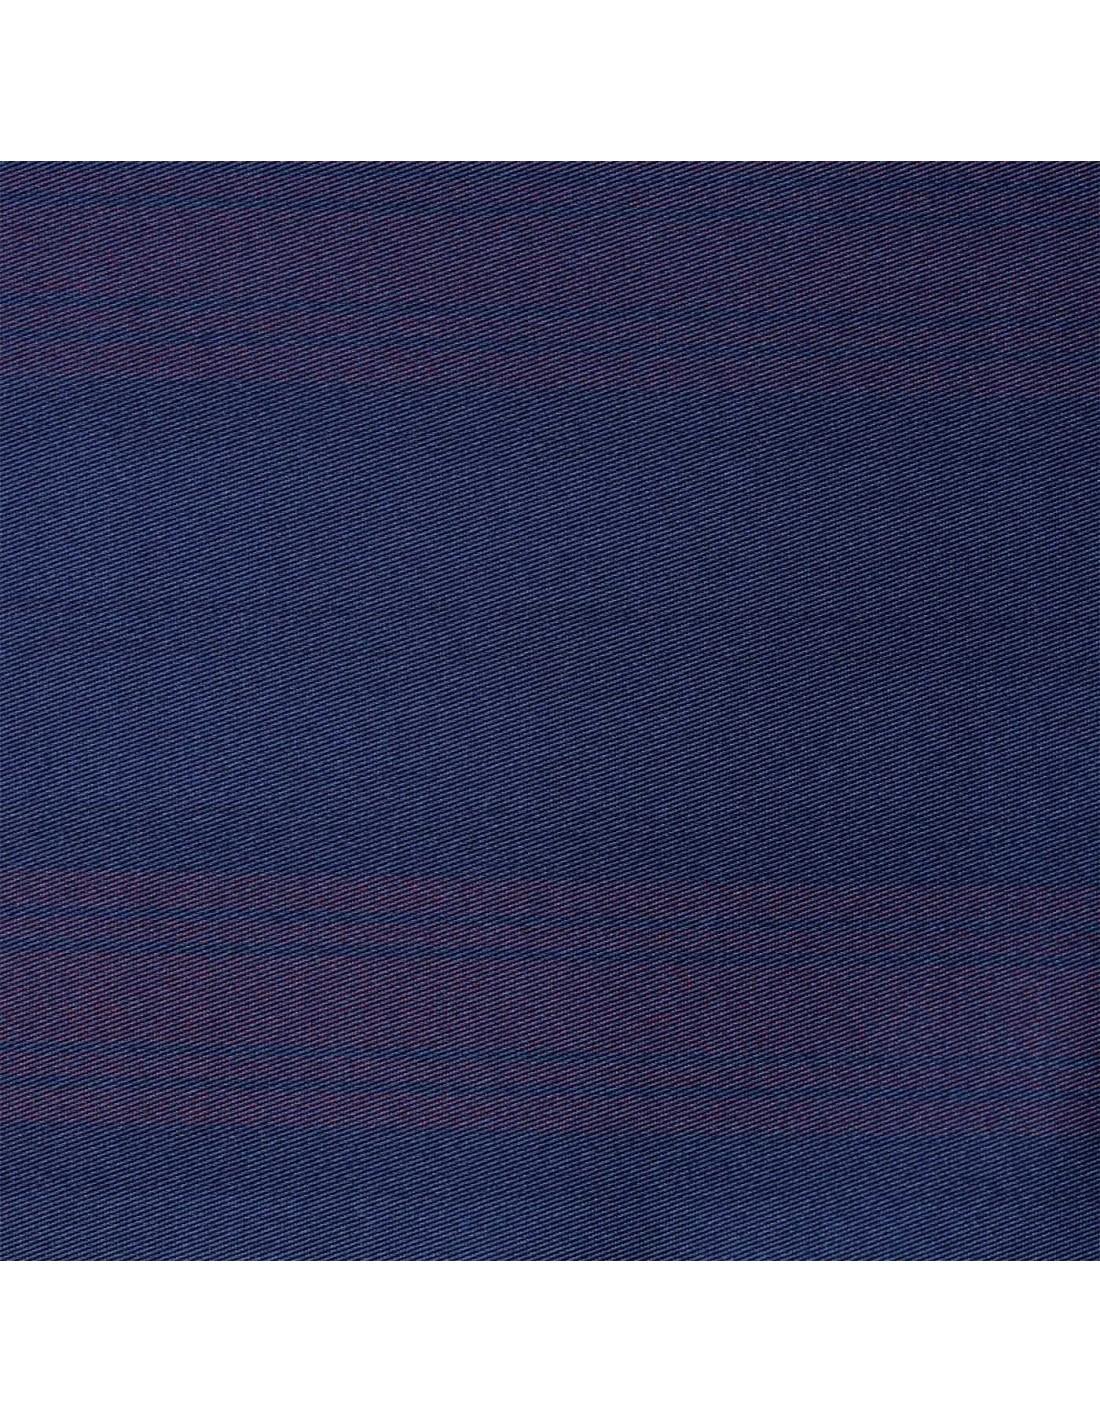 Regenschirm Karo Blau